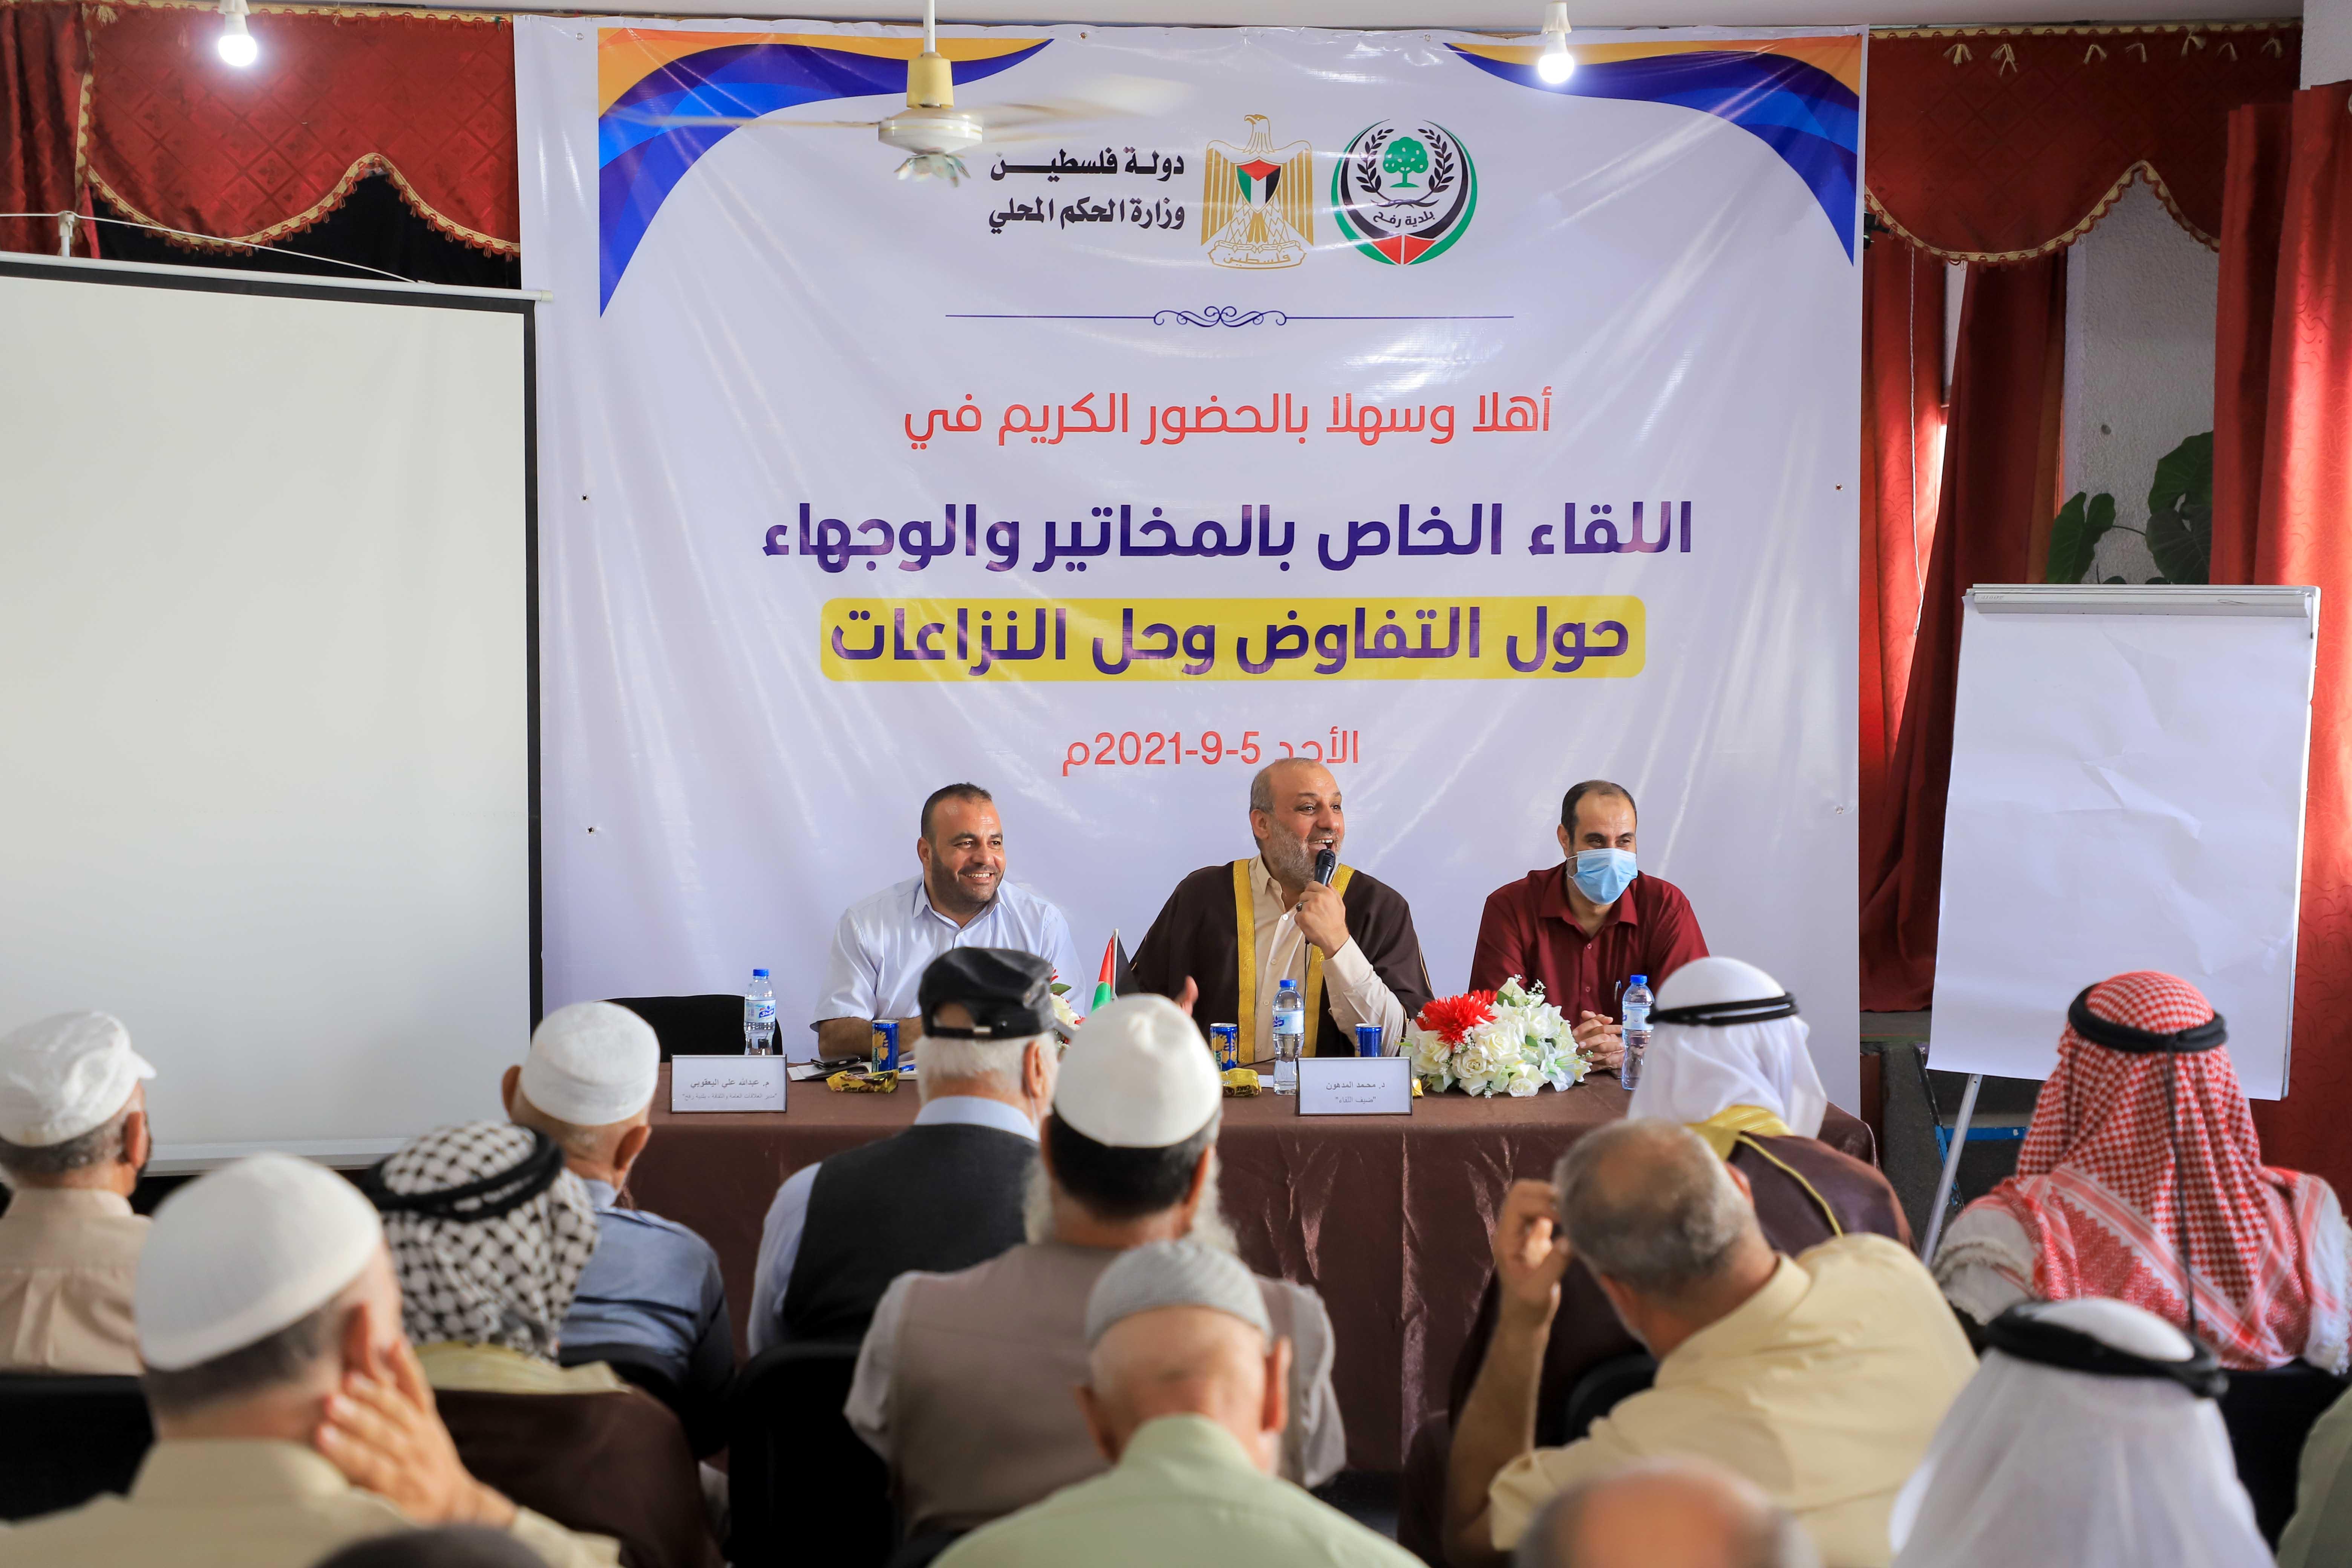 بلدية رفح تستضيف لقاءً للمخاتير والوجهاء حول التفاوض وحل النزاعات